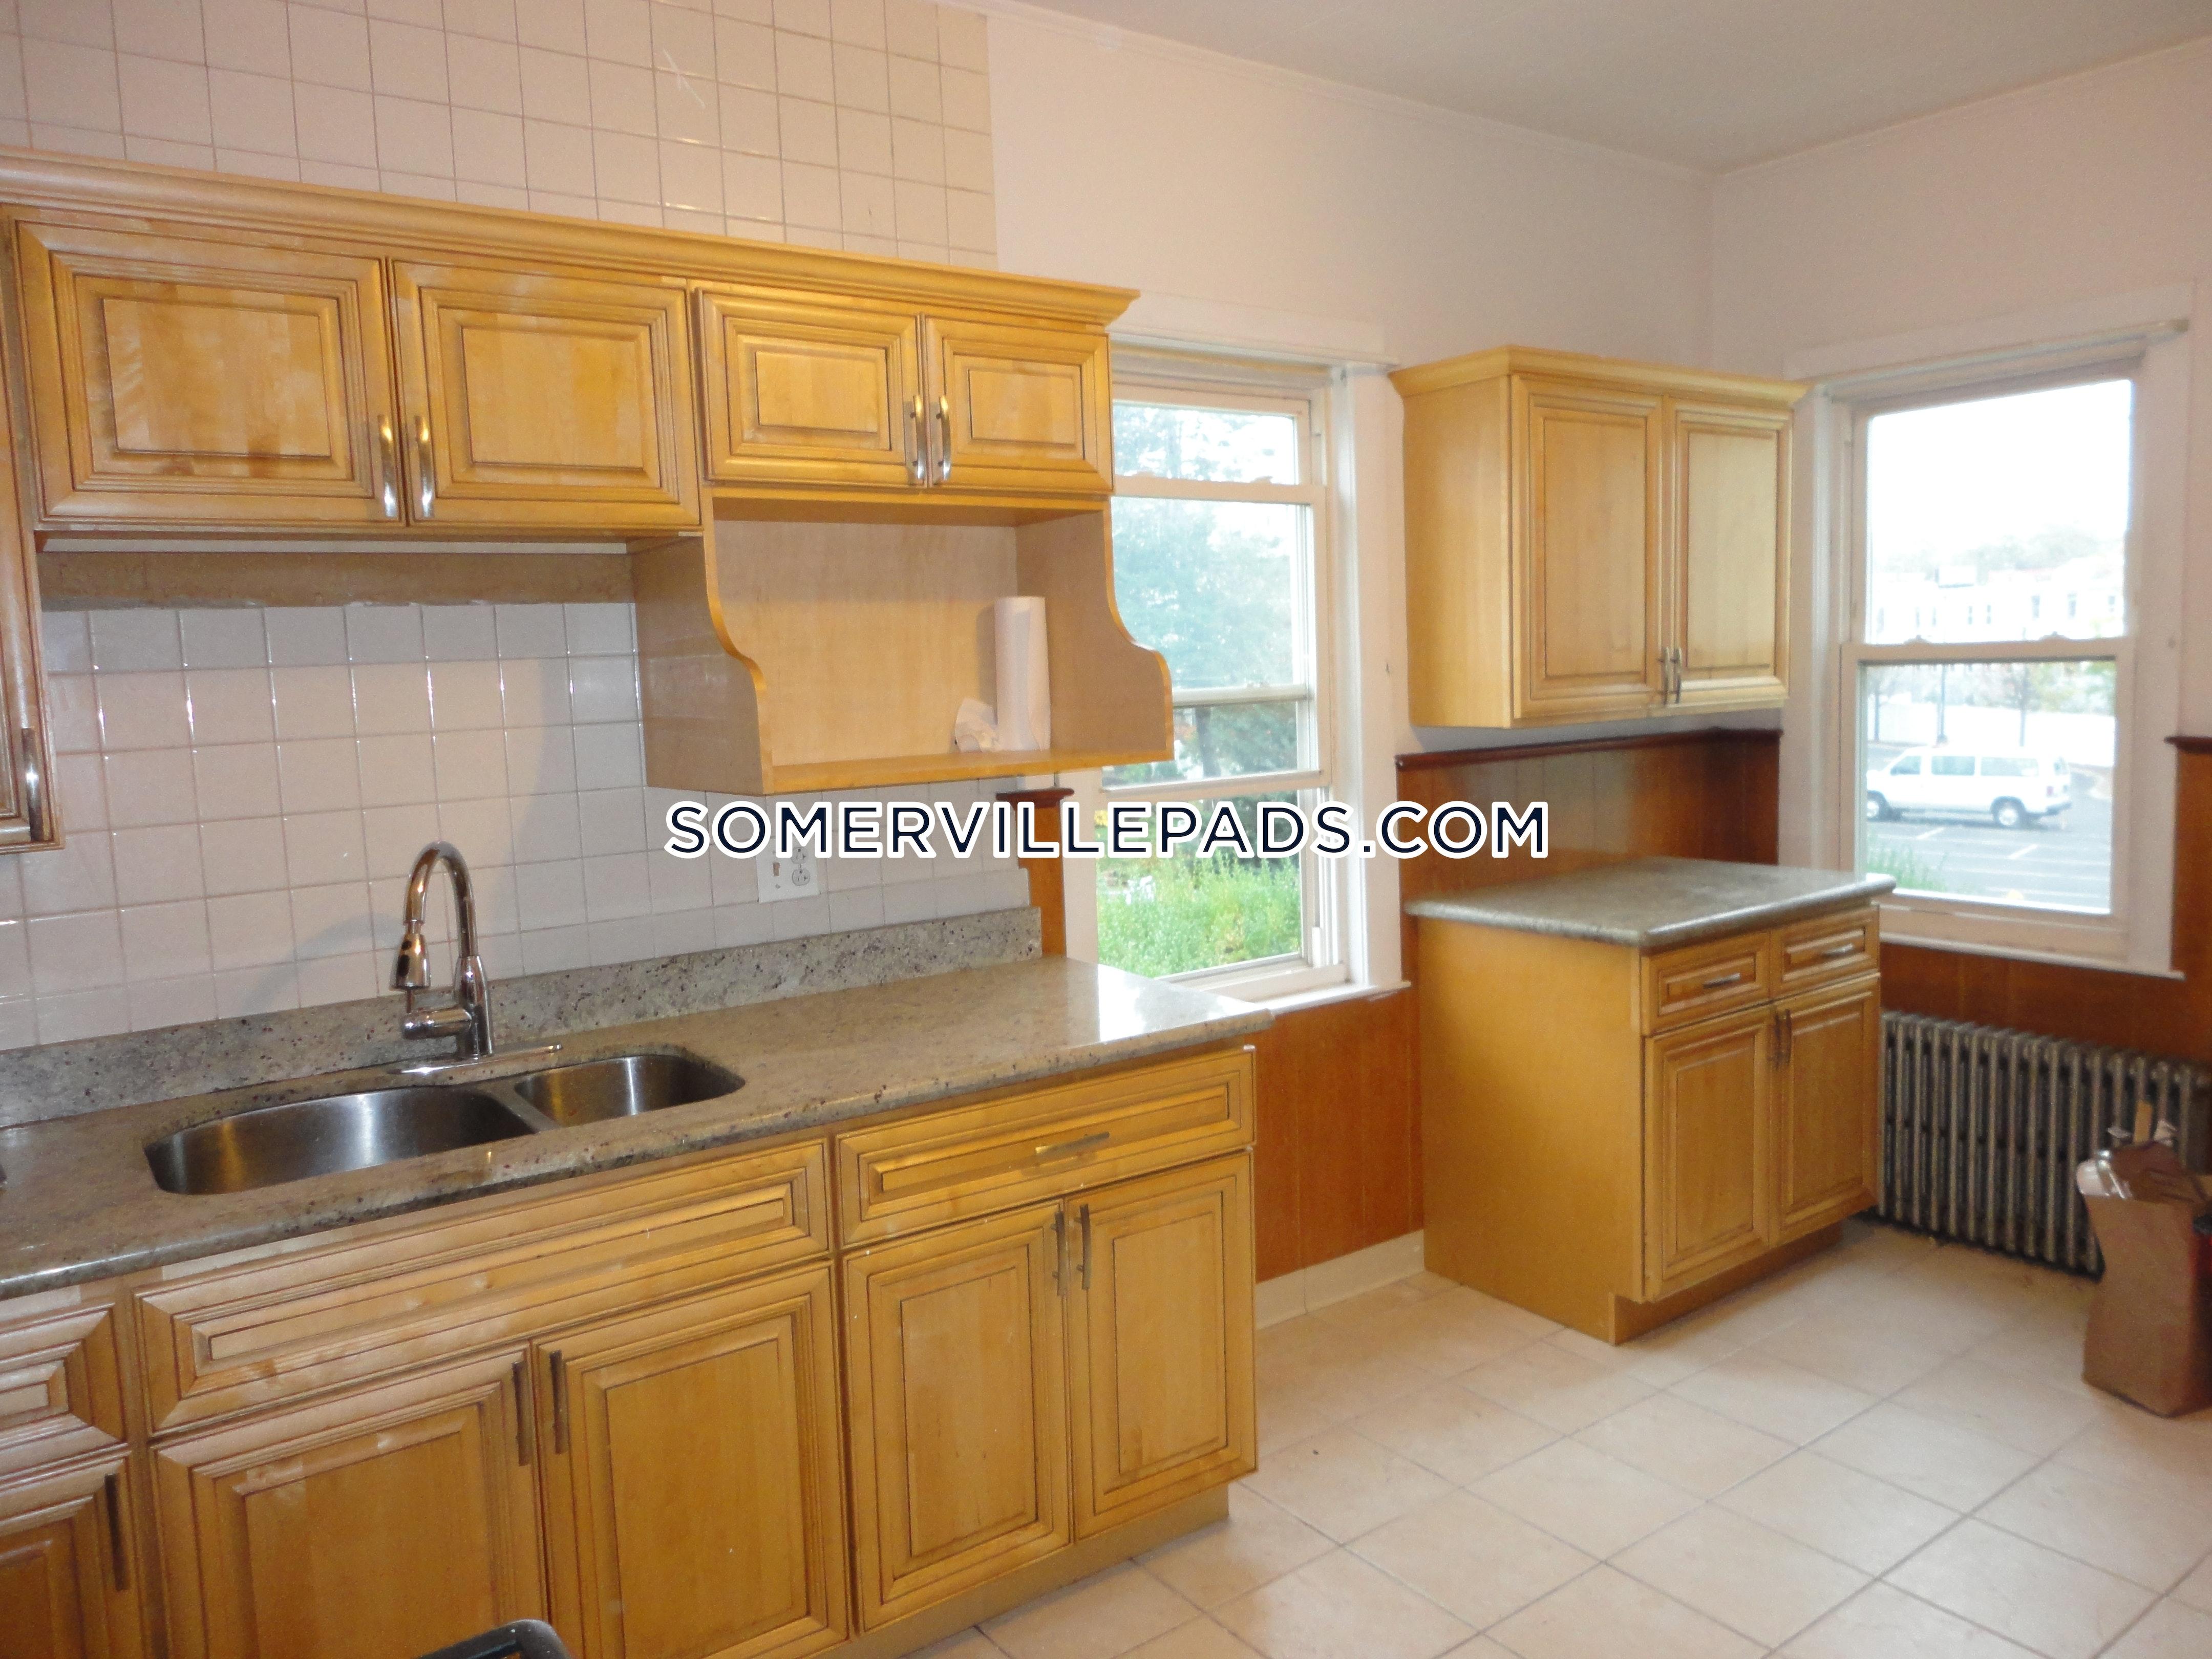 ... 3 Beds 1 Bath   Somerville   Porter Square $2,695 ...